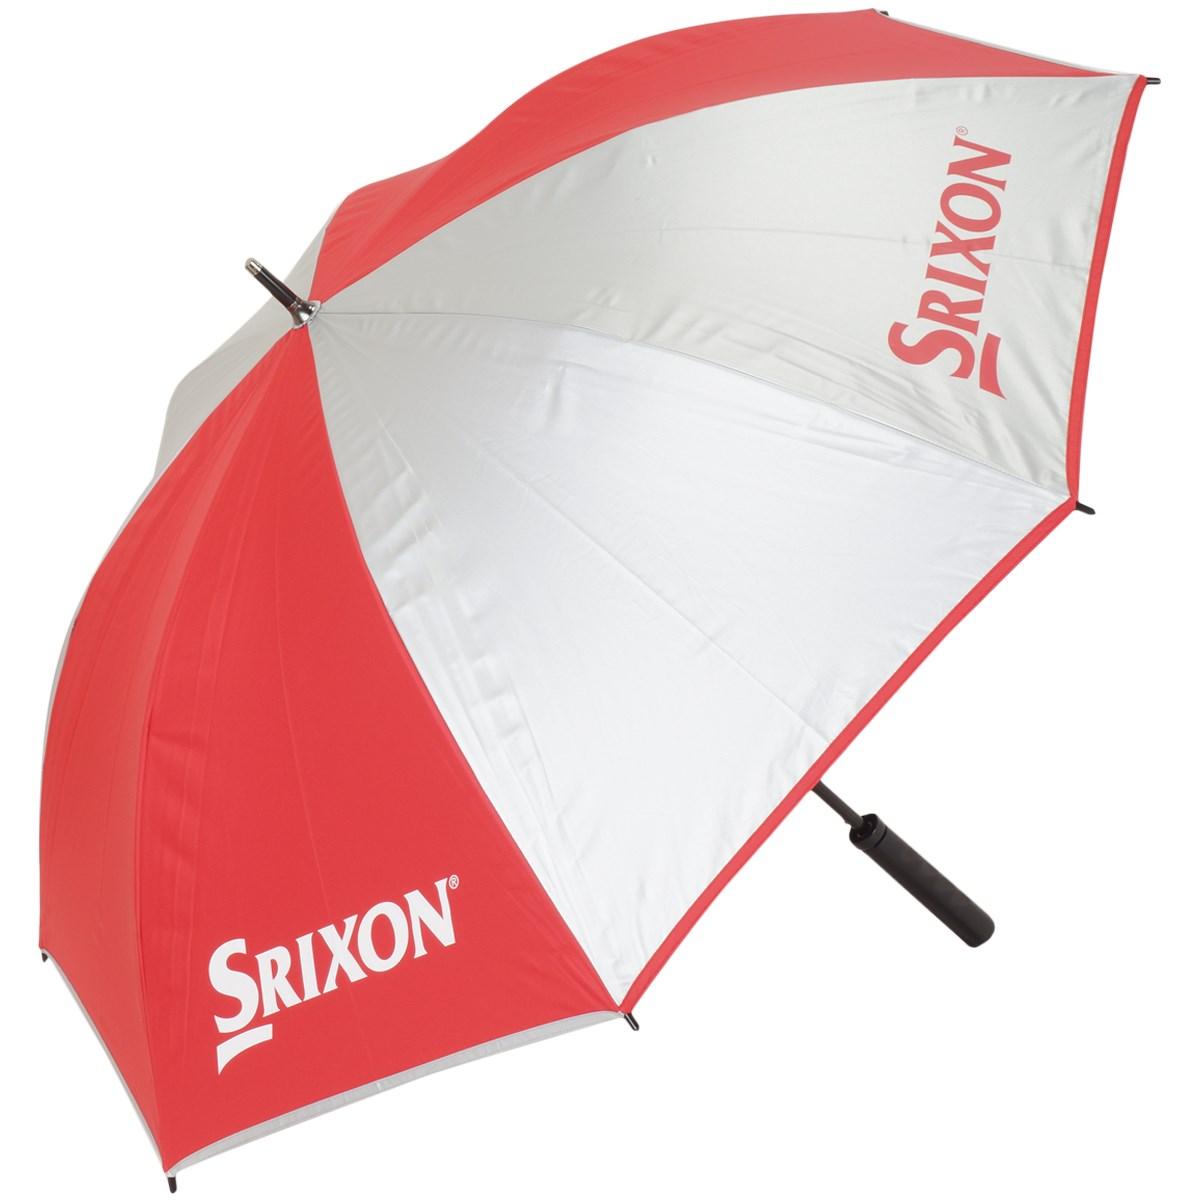 ダンロップ SRIXON 傘 レッド